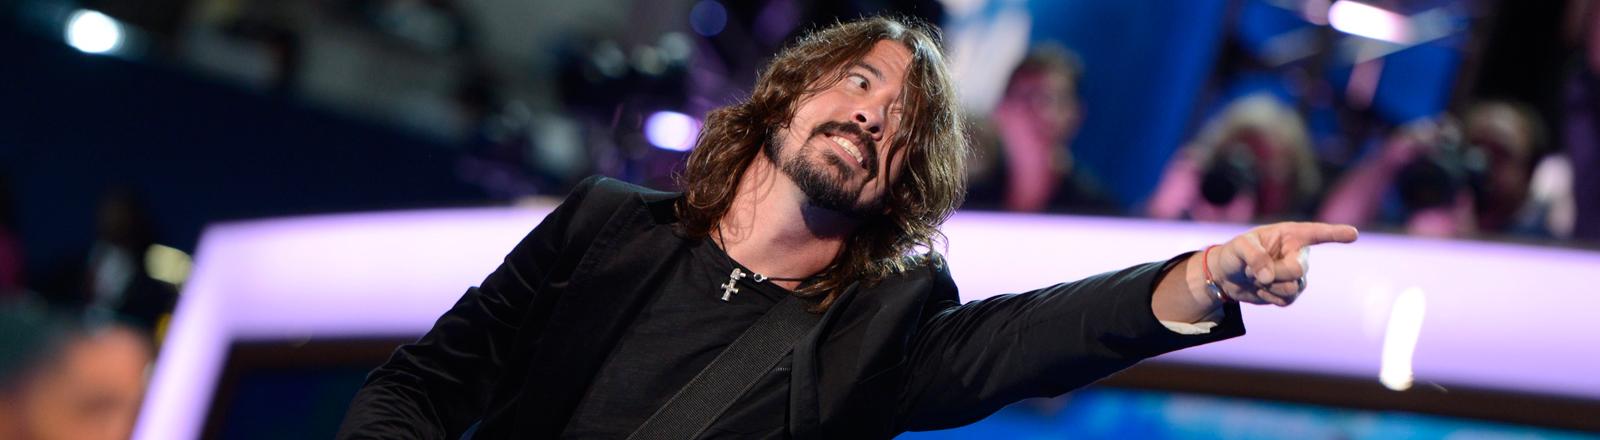 David Grohl und The Foo Fighters bei einem Konzert 2012